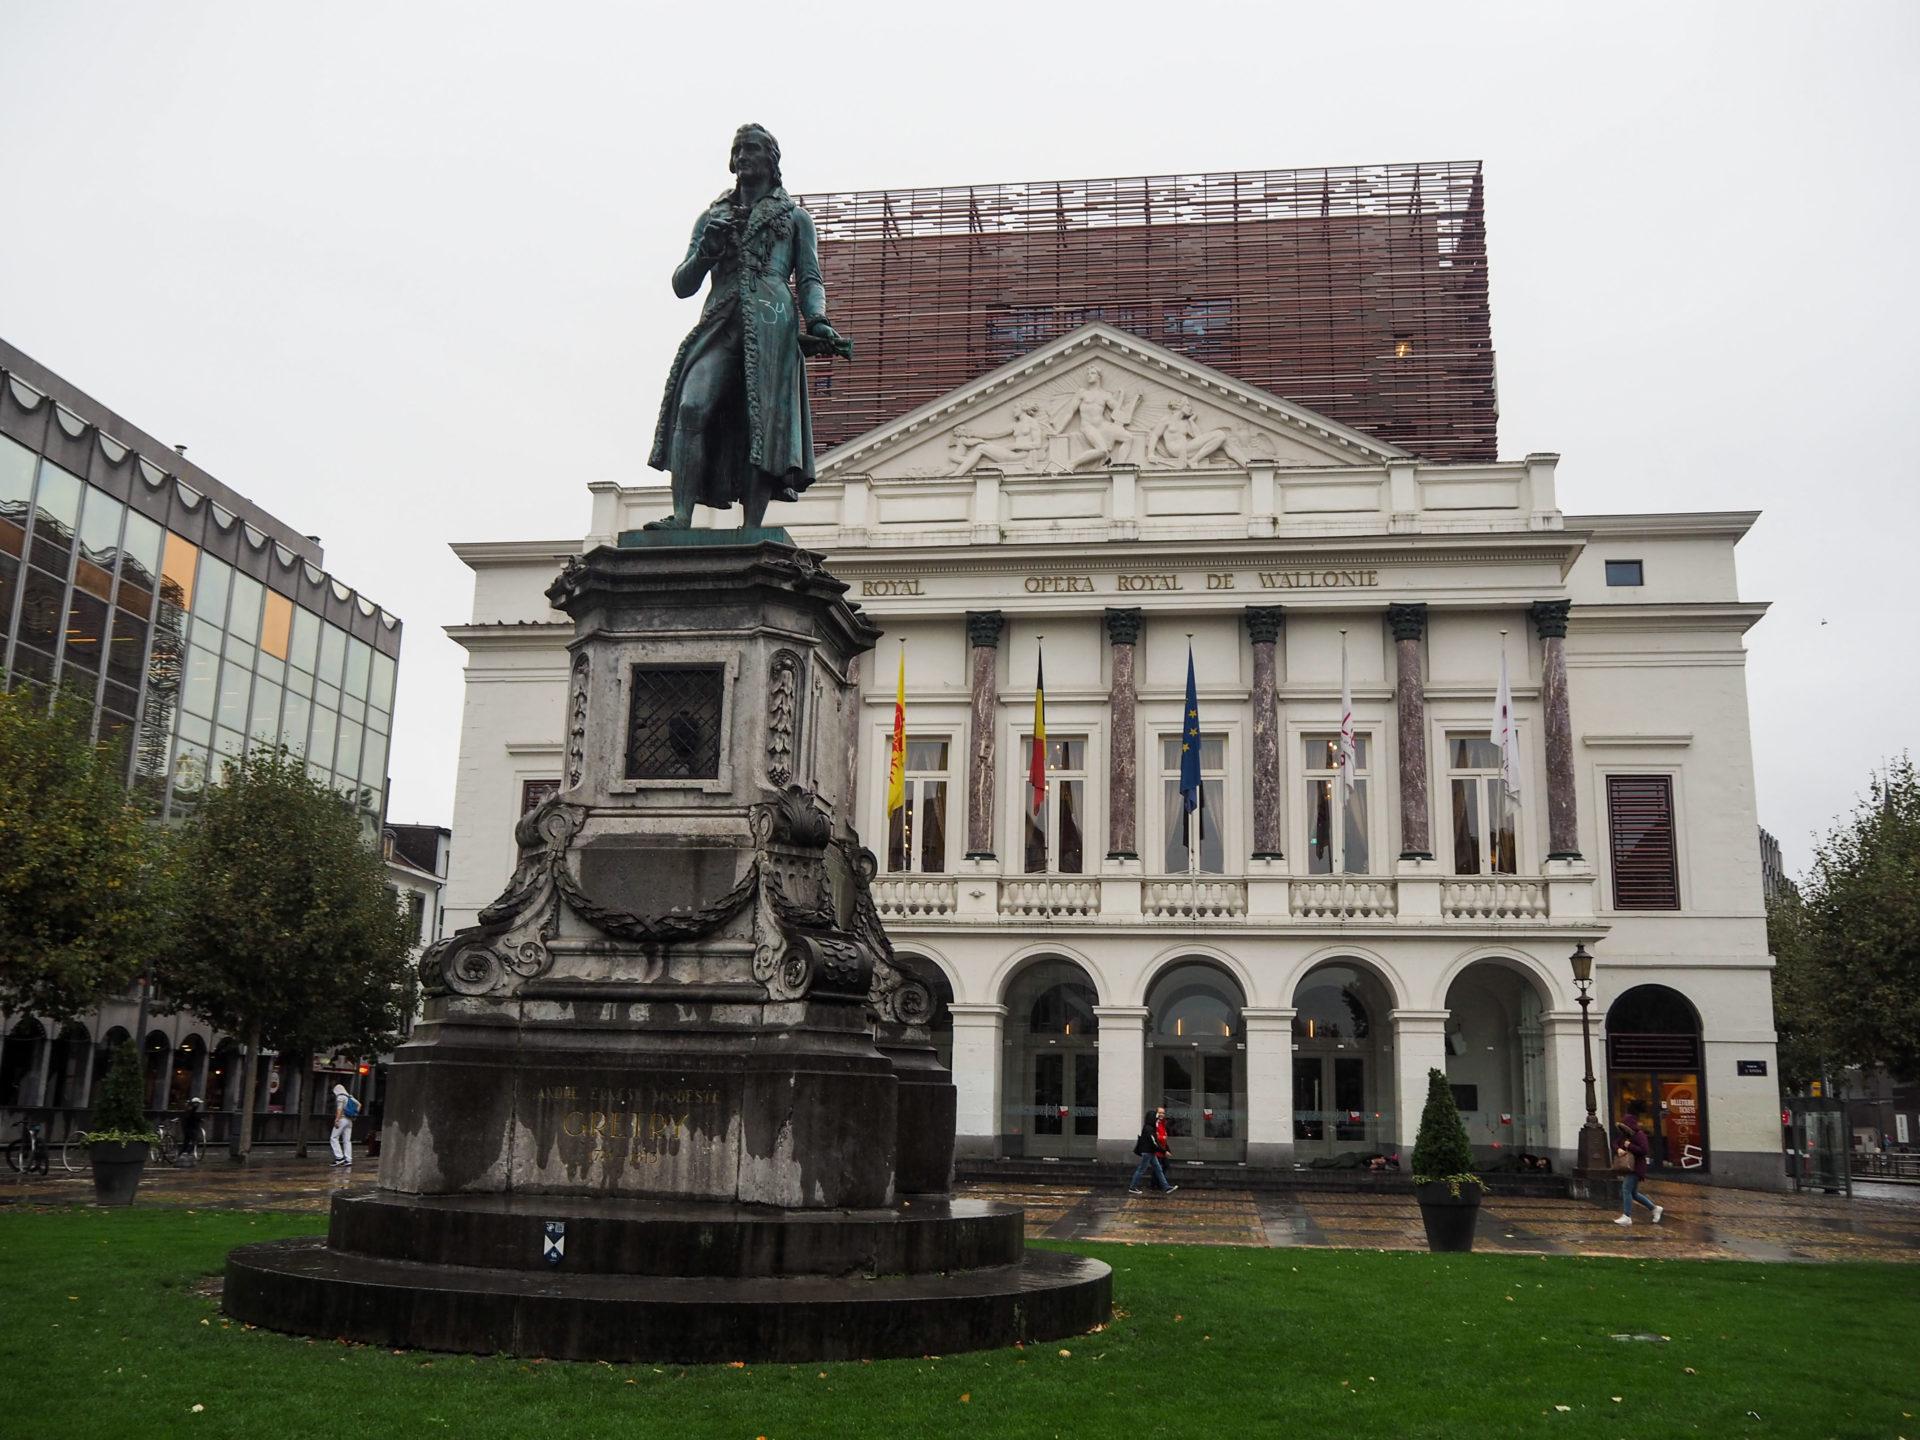 Opéra de Liège - Visiter Liège en Belgique en mode slow - Que faire et que visiter à Liège? - Adresses slow et gourmandes à Liège - Informations pratiques pour visiter Liège et en tomber amoureuse en quelques instants!